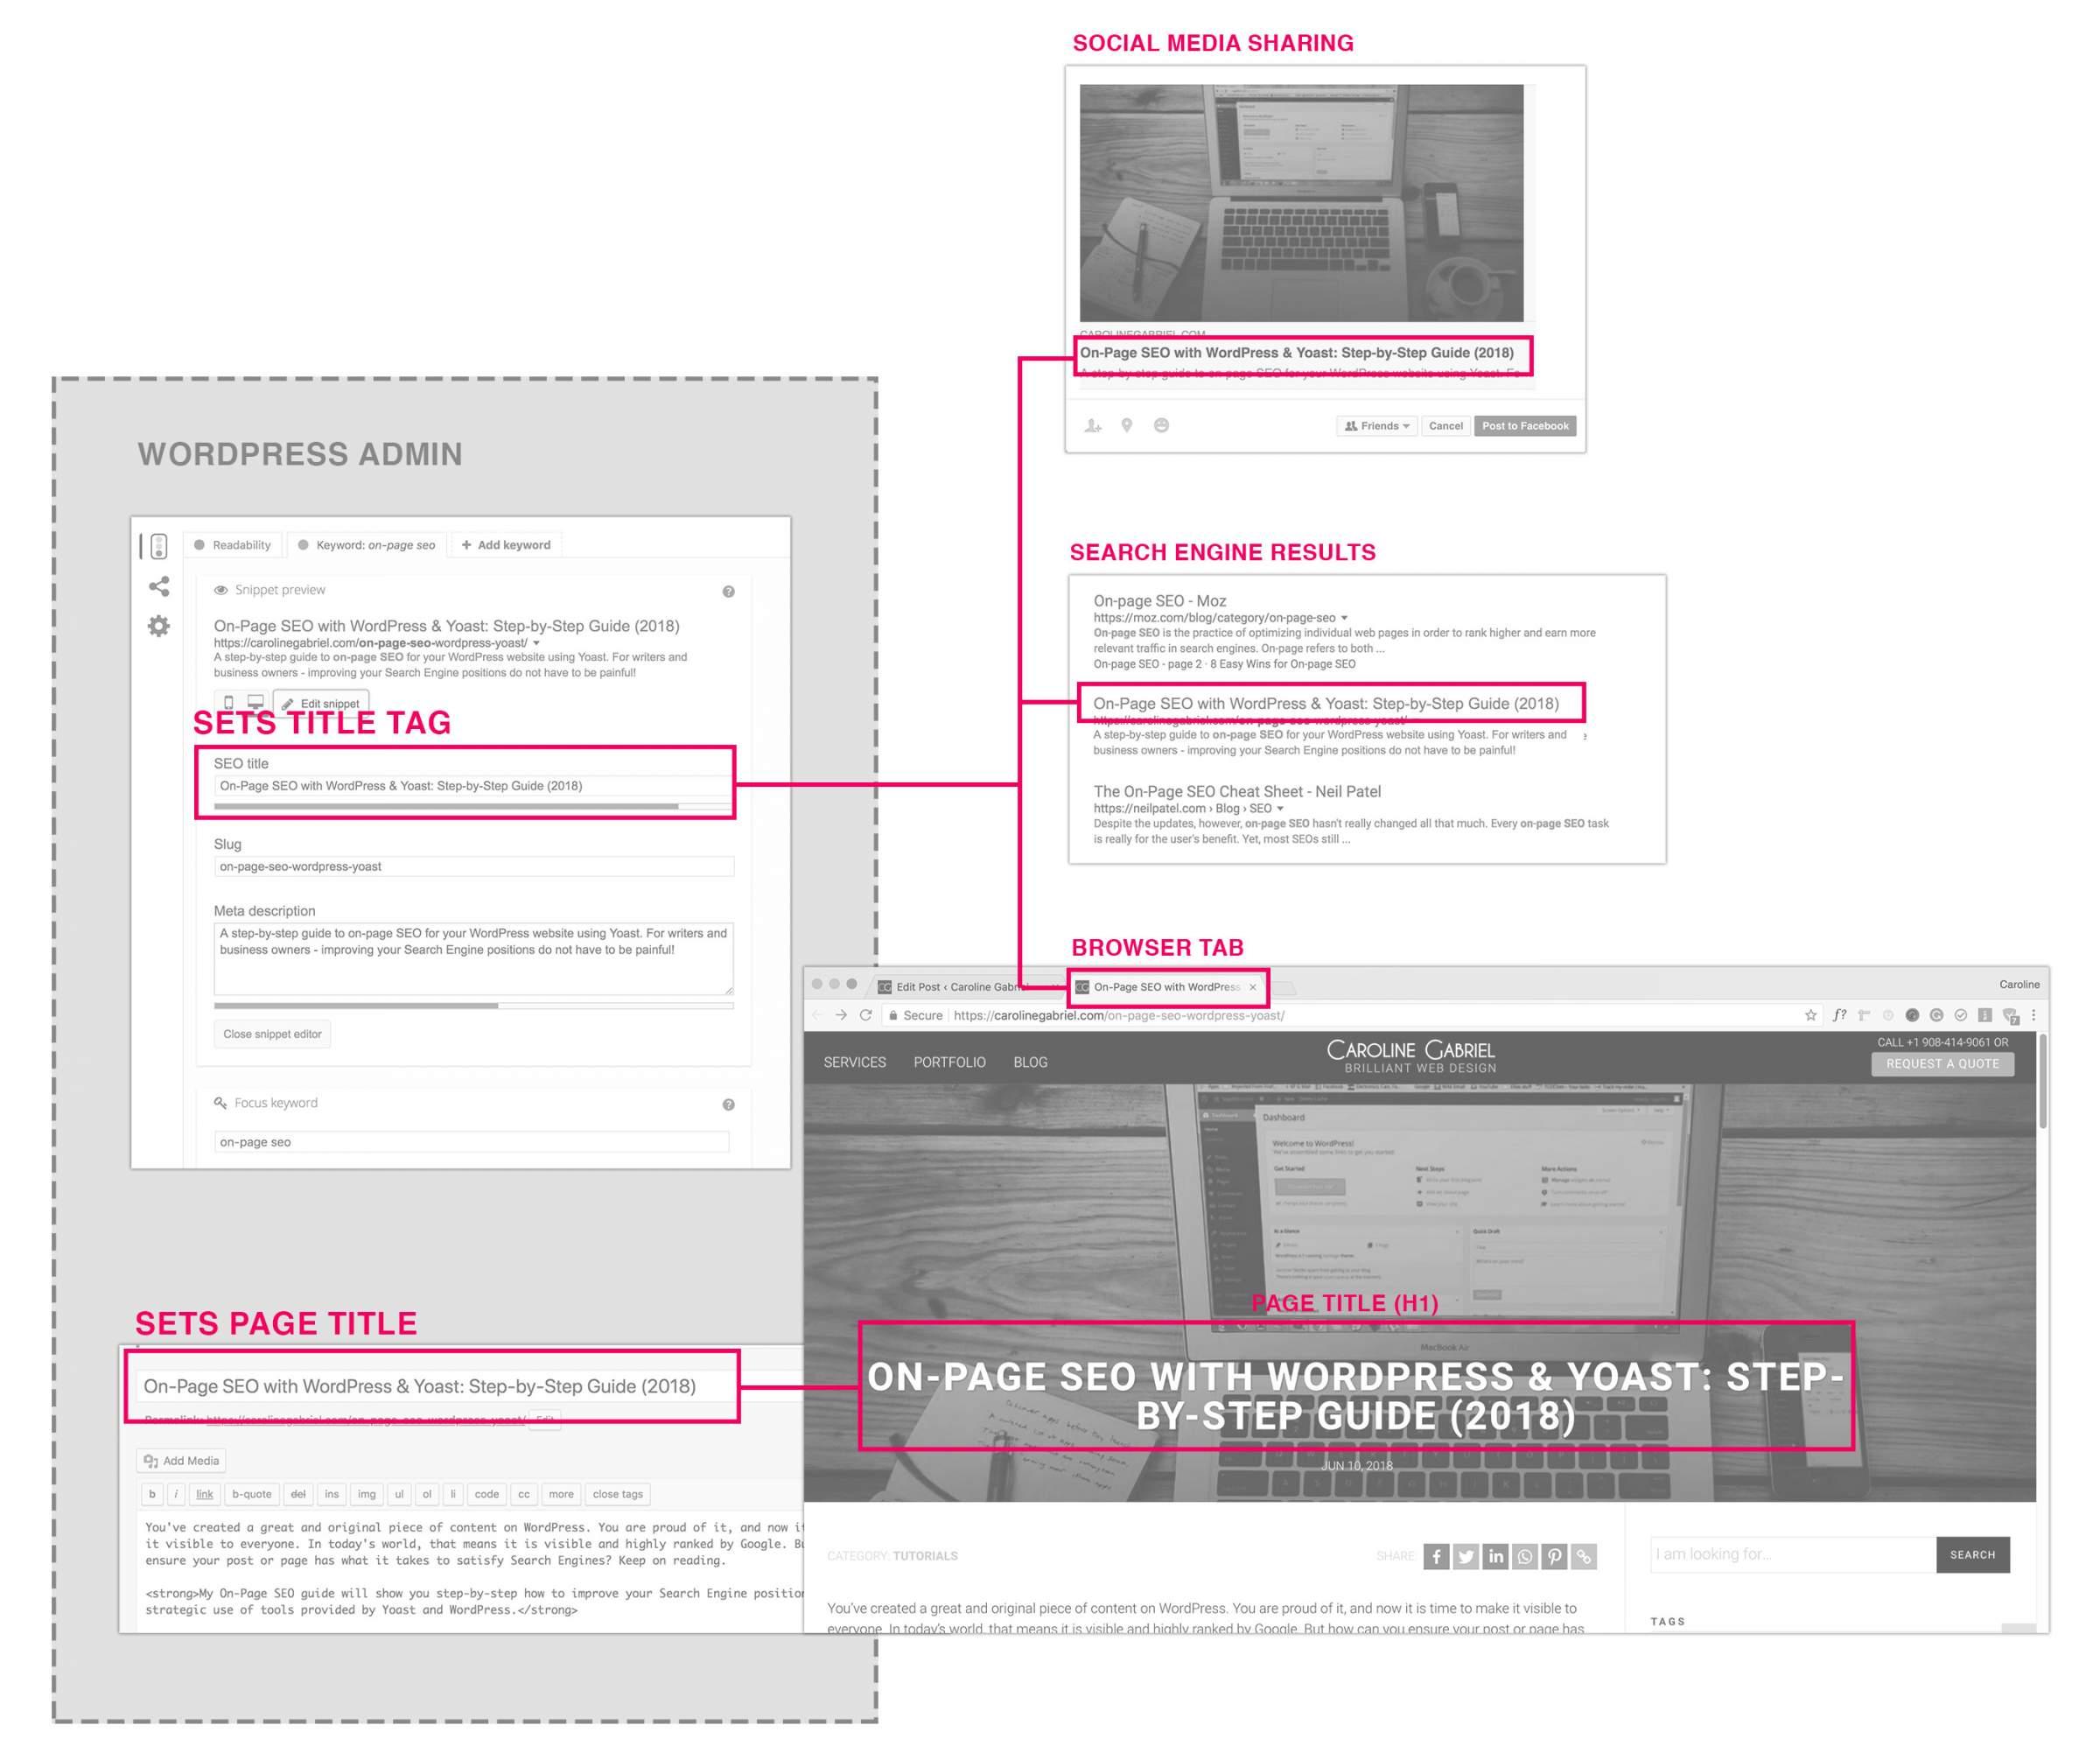 On-Page SEO Titles: WordPress & Yoast